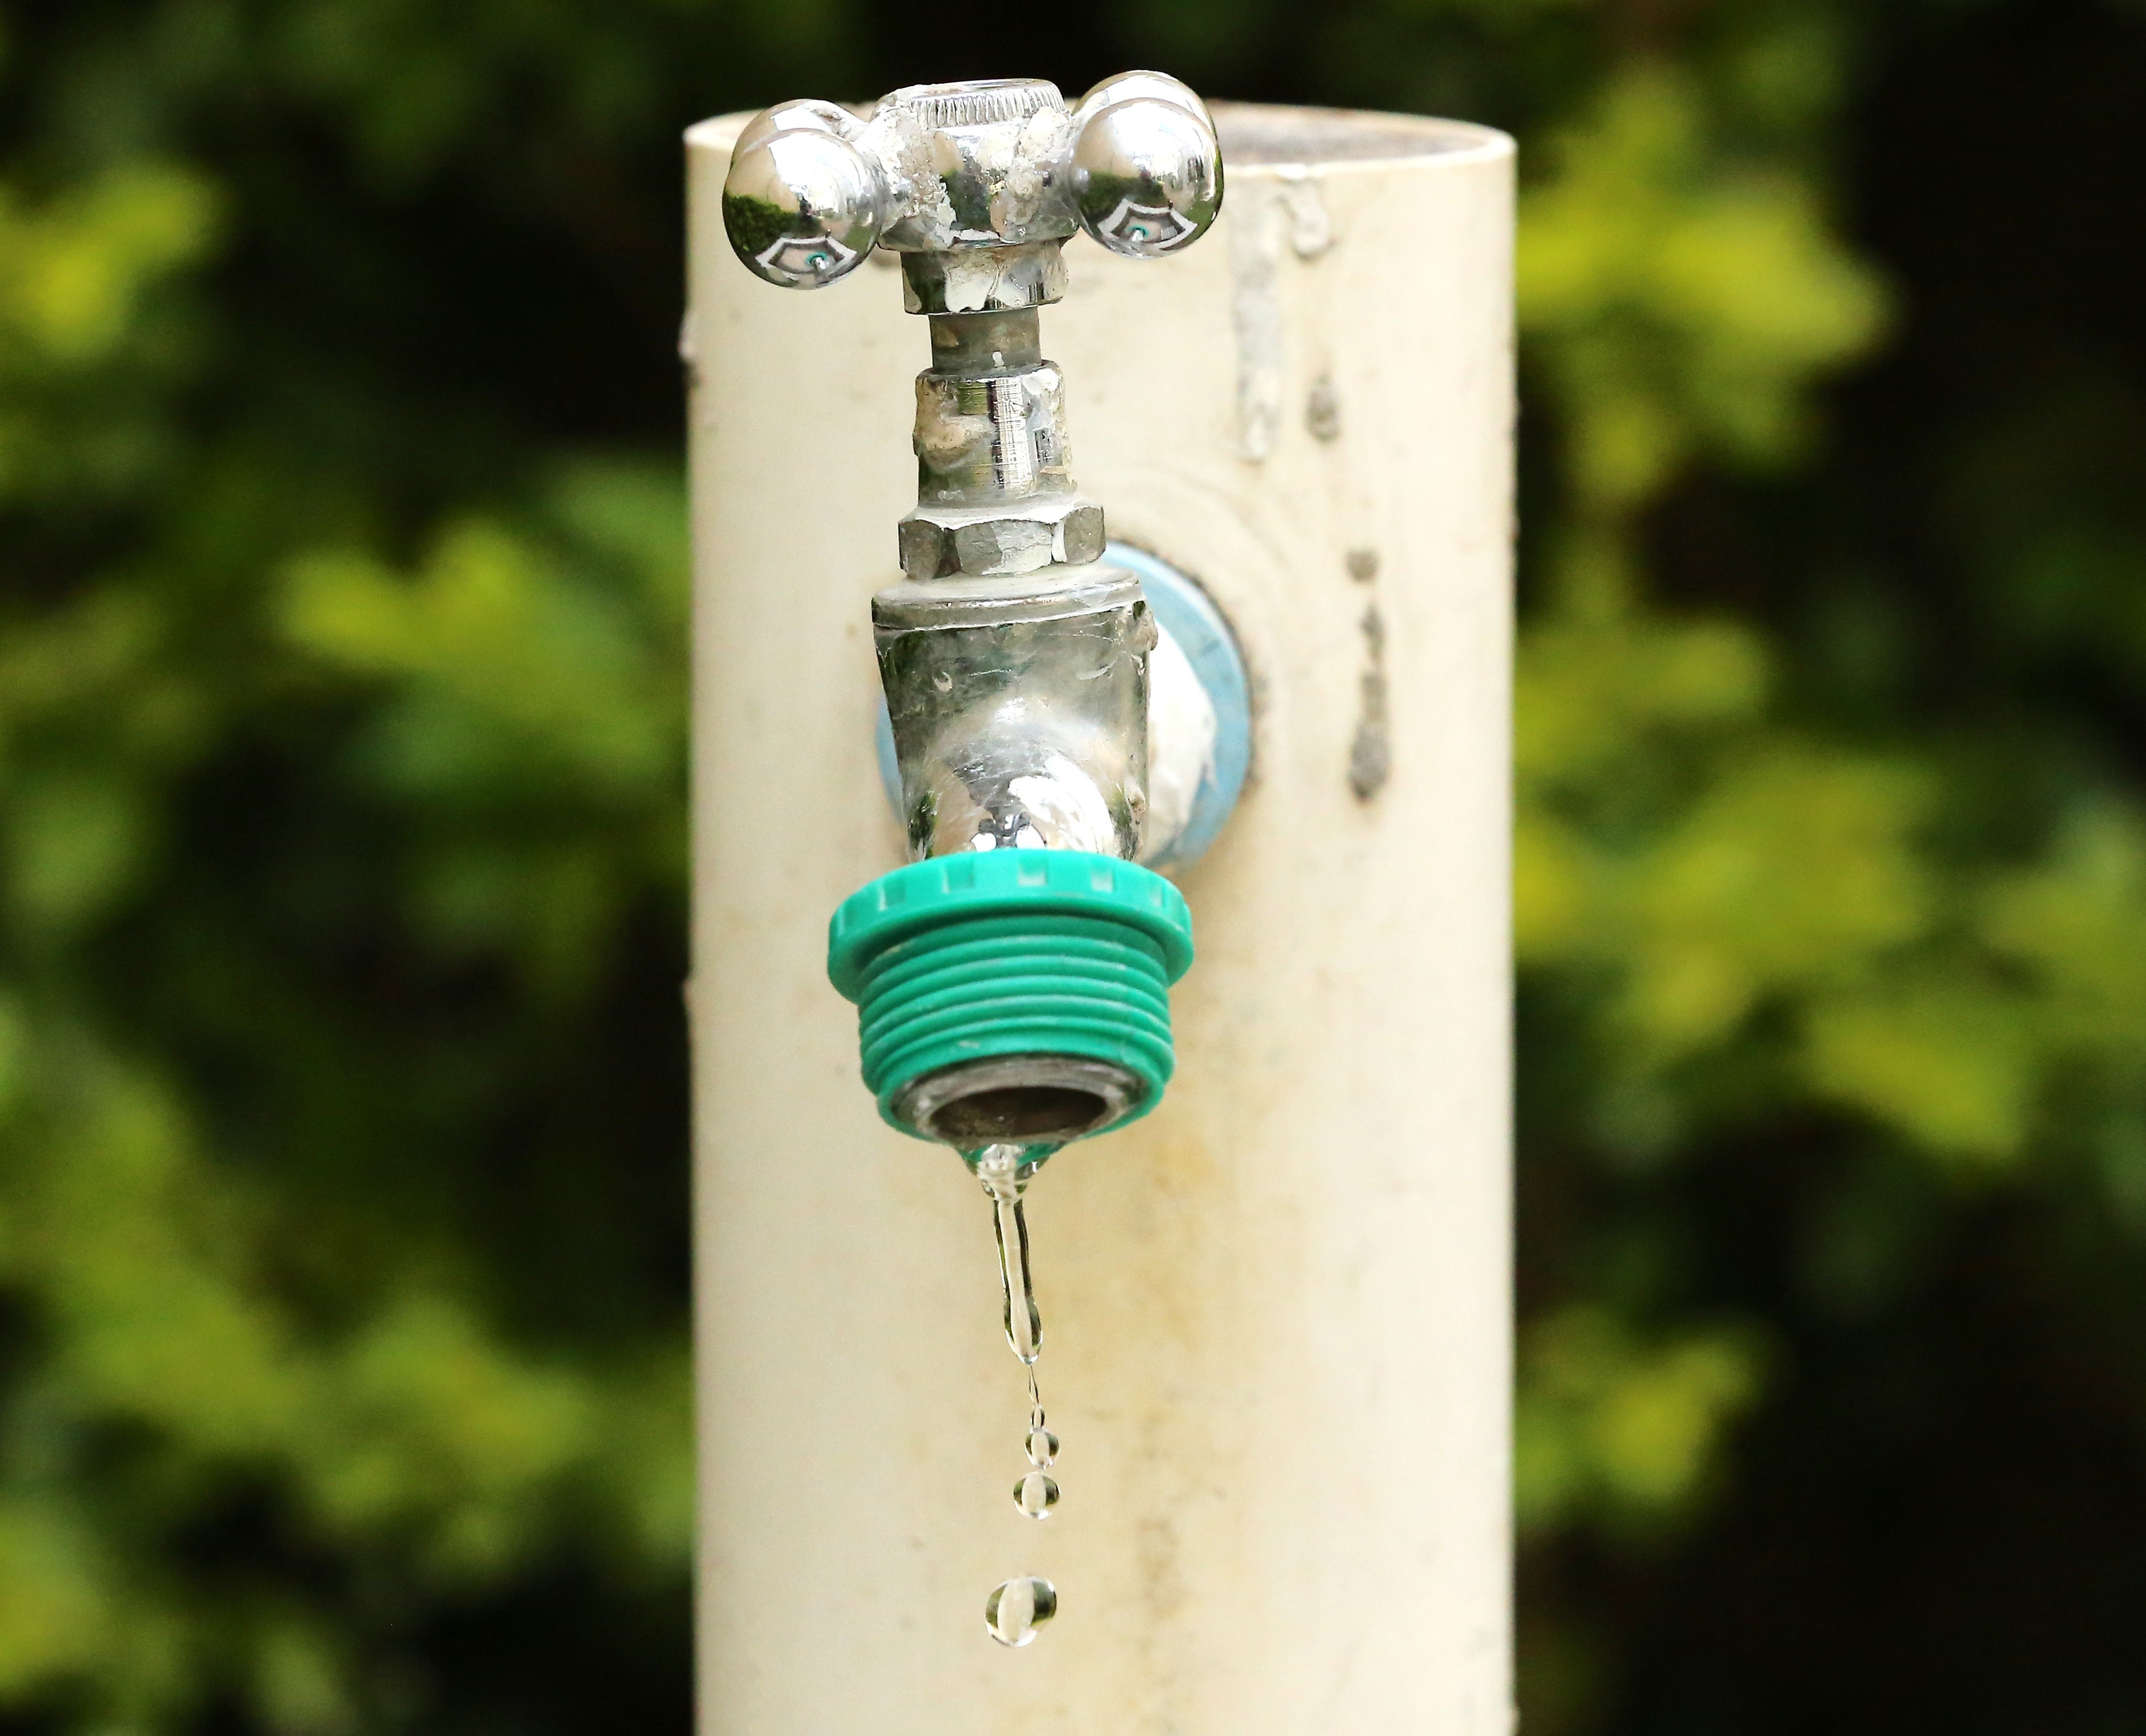 Cinco cidades do RN ficam sem abastecimento de água após furto de cabos elétricos em estação de tratamento